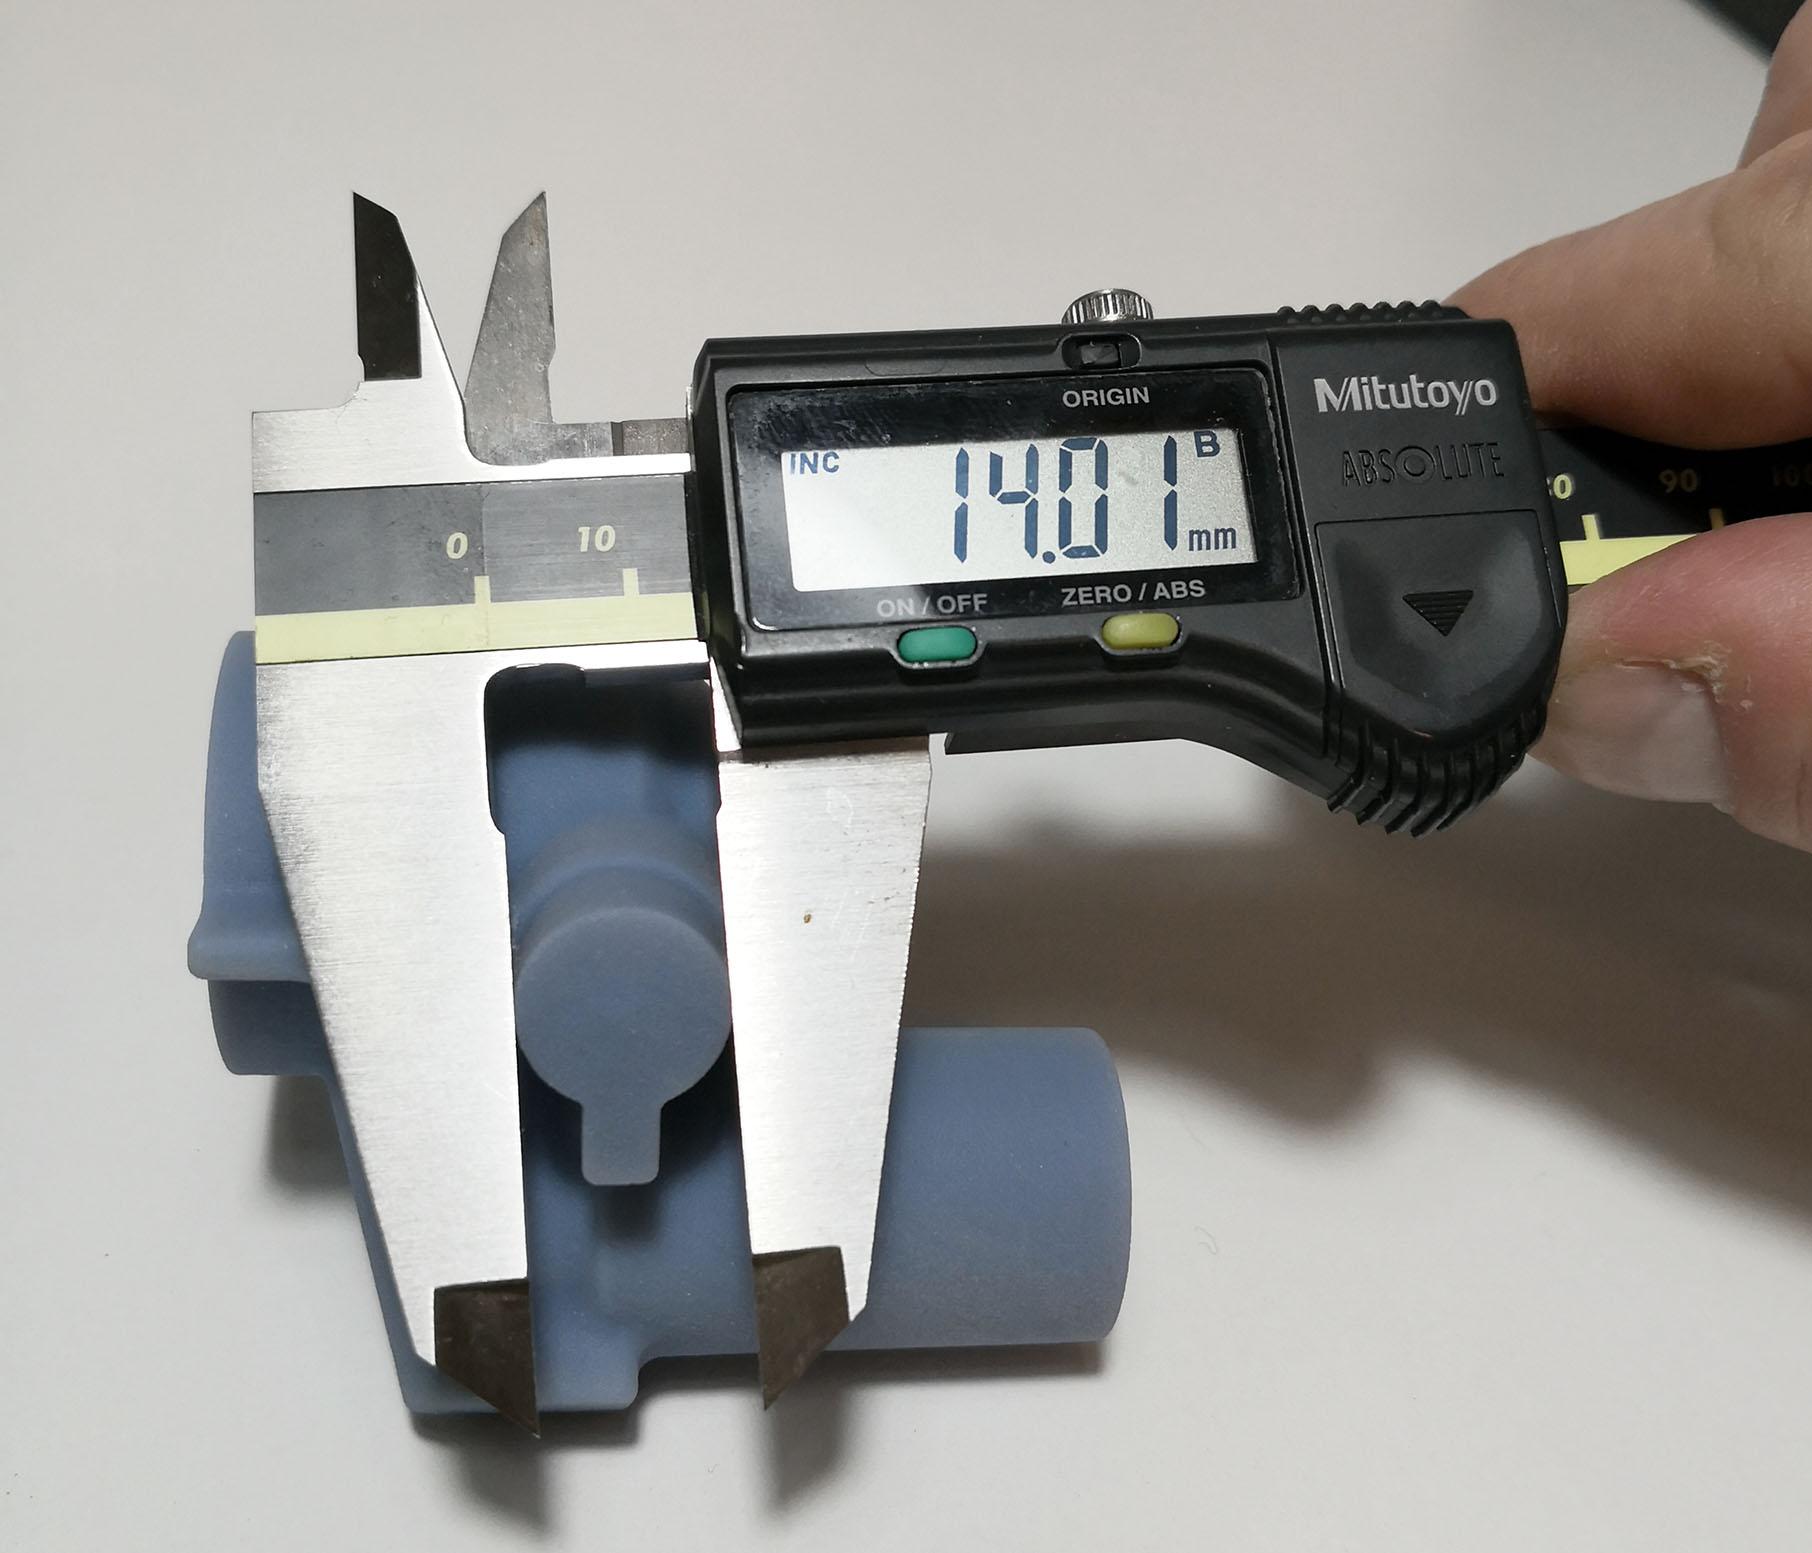 Stampa 3D ad alta risoluzione 16 μm